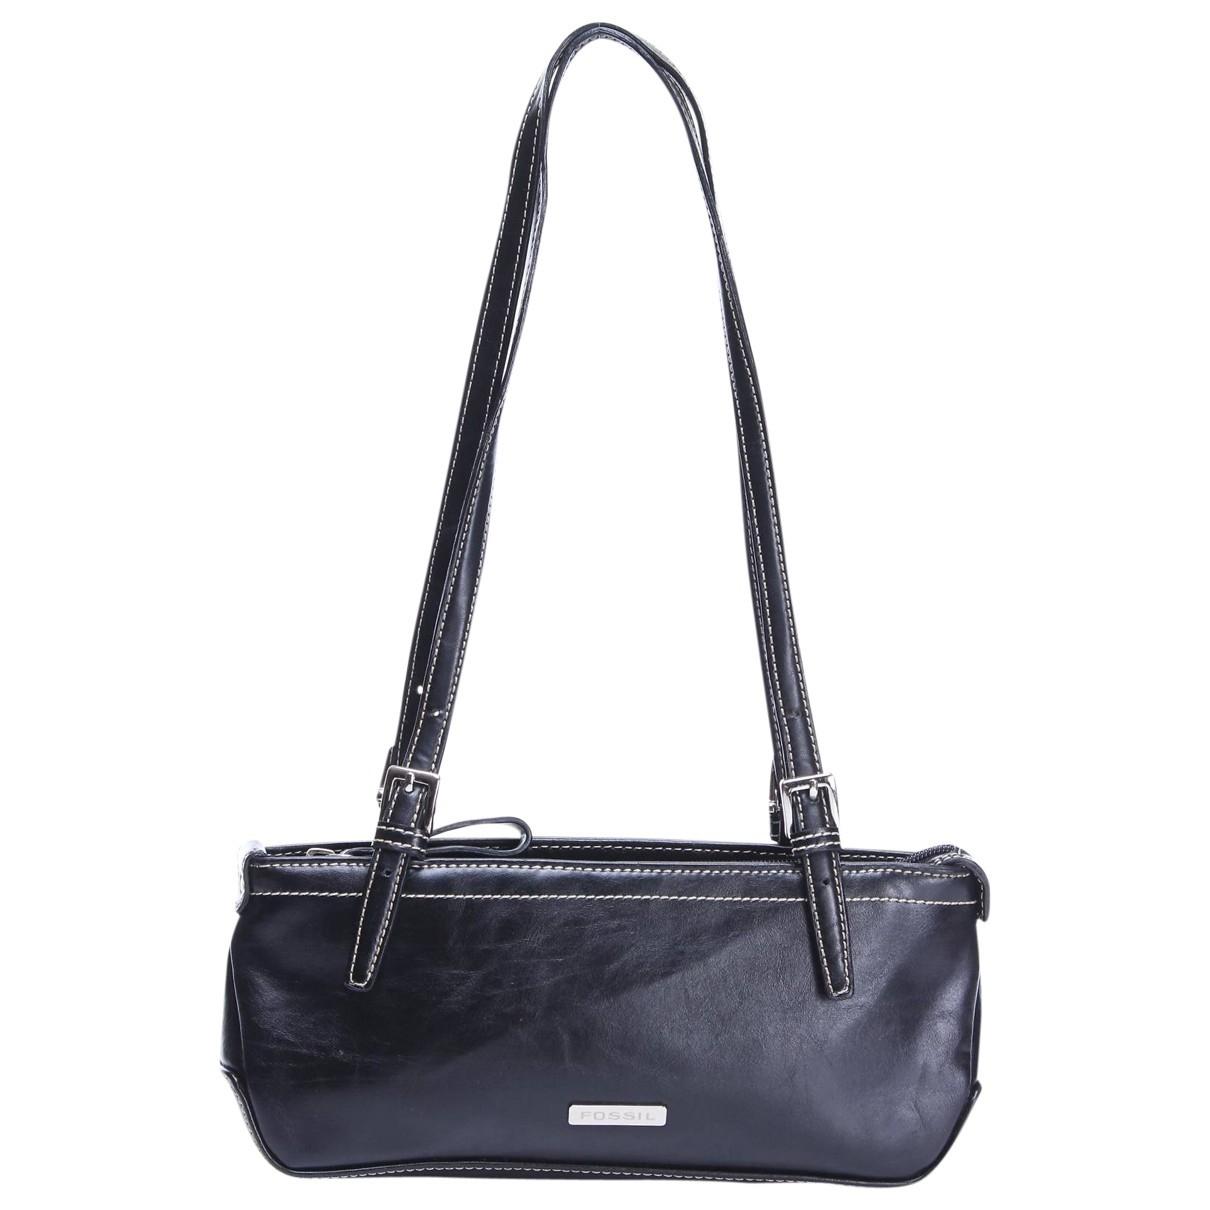 Fossil \N Handtasche in  Schwarz Leder